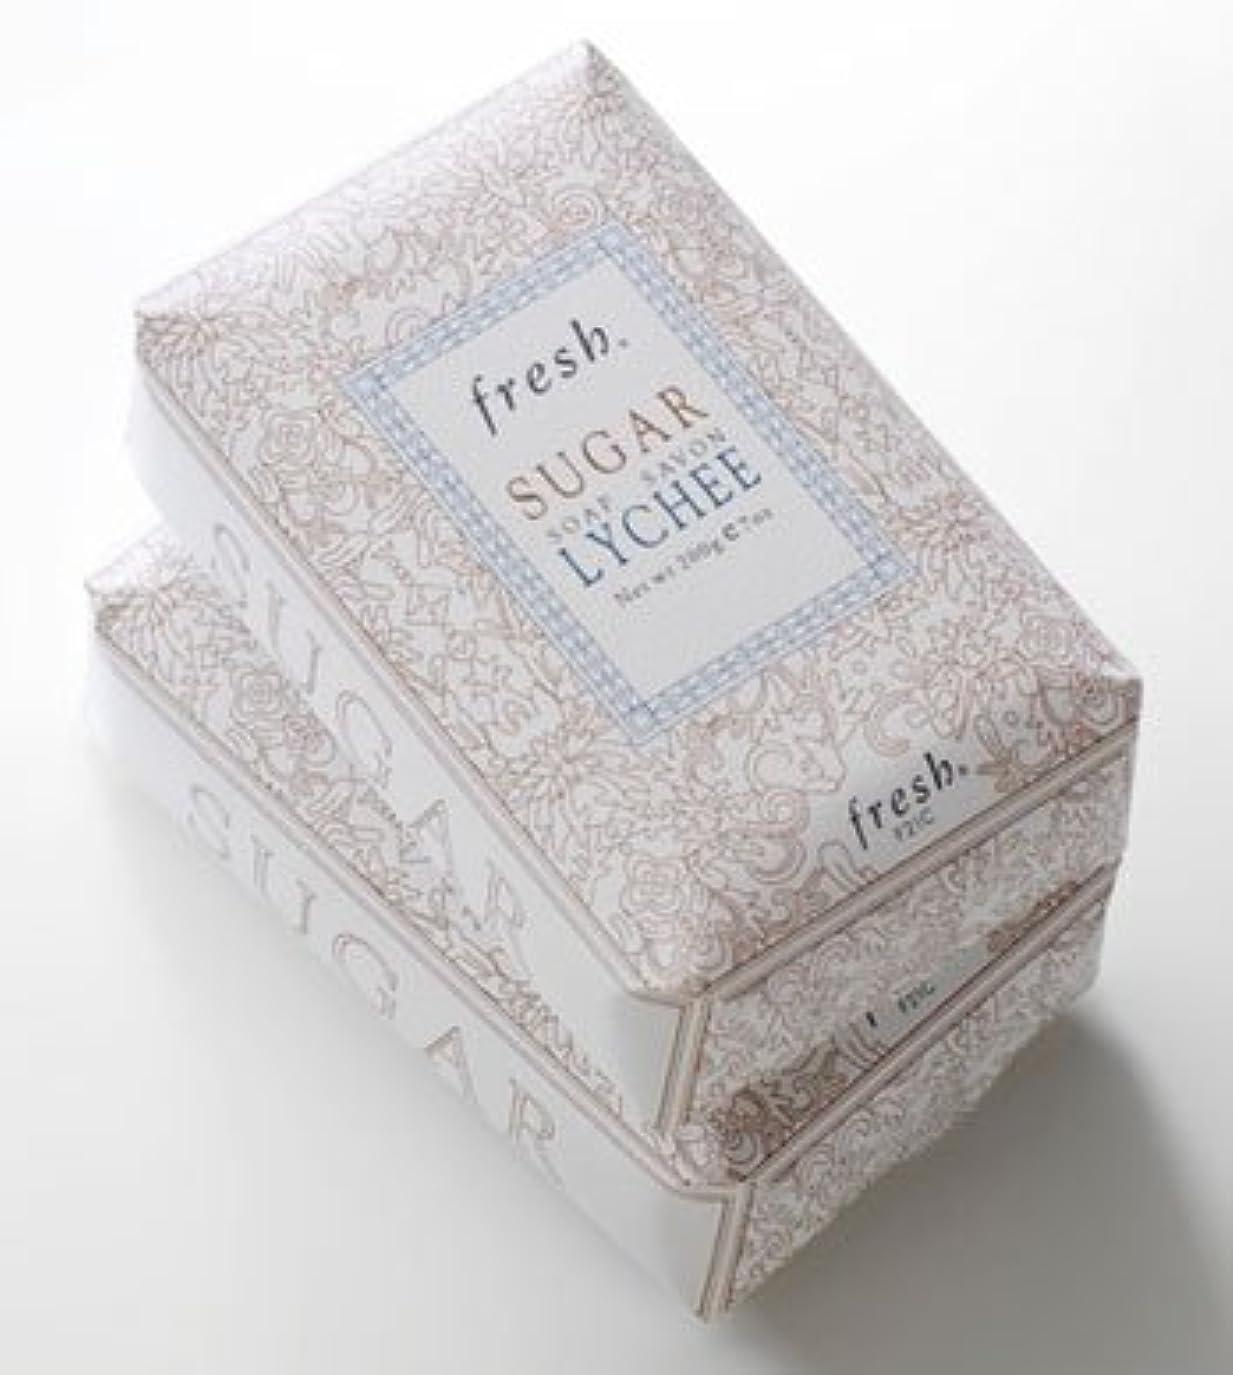 分泌する承知しました成人期Fresh SUGAR LYCHEE SOAP(フレッシュ シュガーライチ ソープ) 7.0 oz (210g) by Fresh for Women